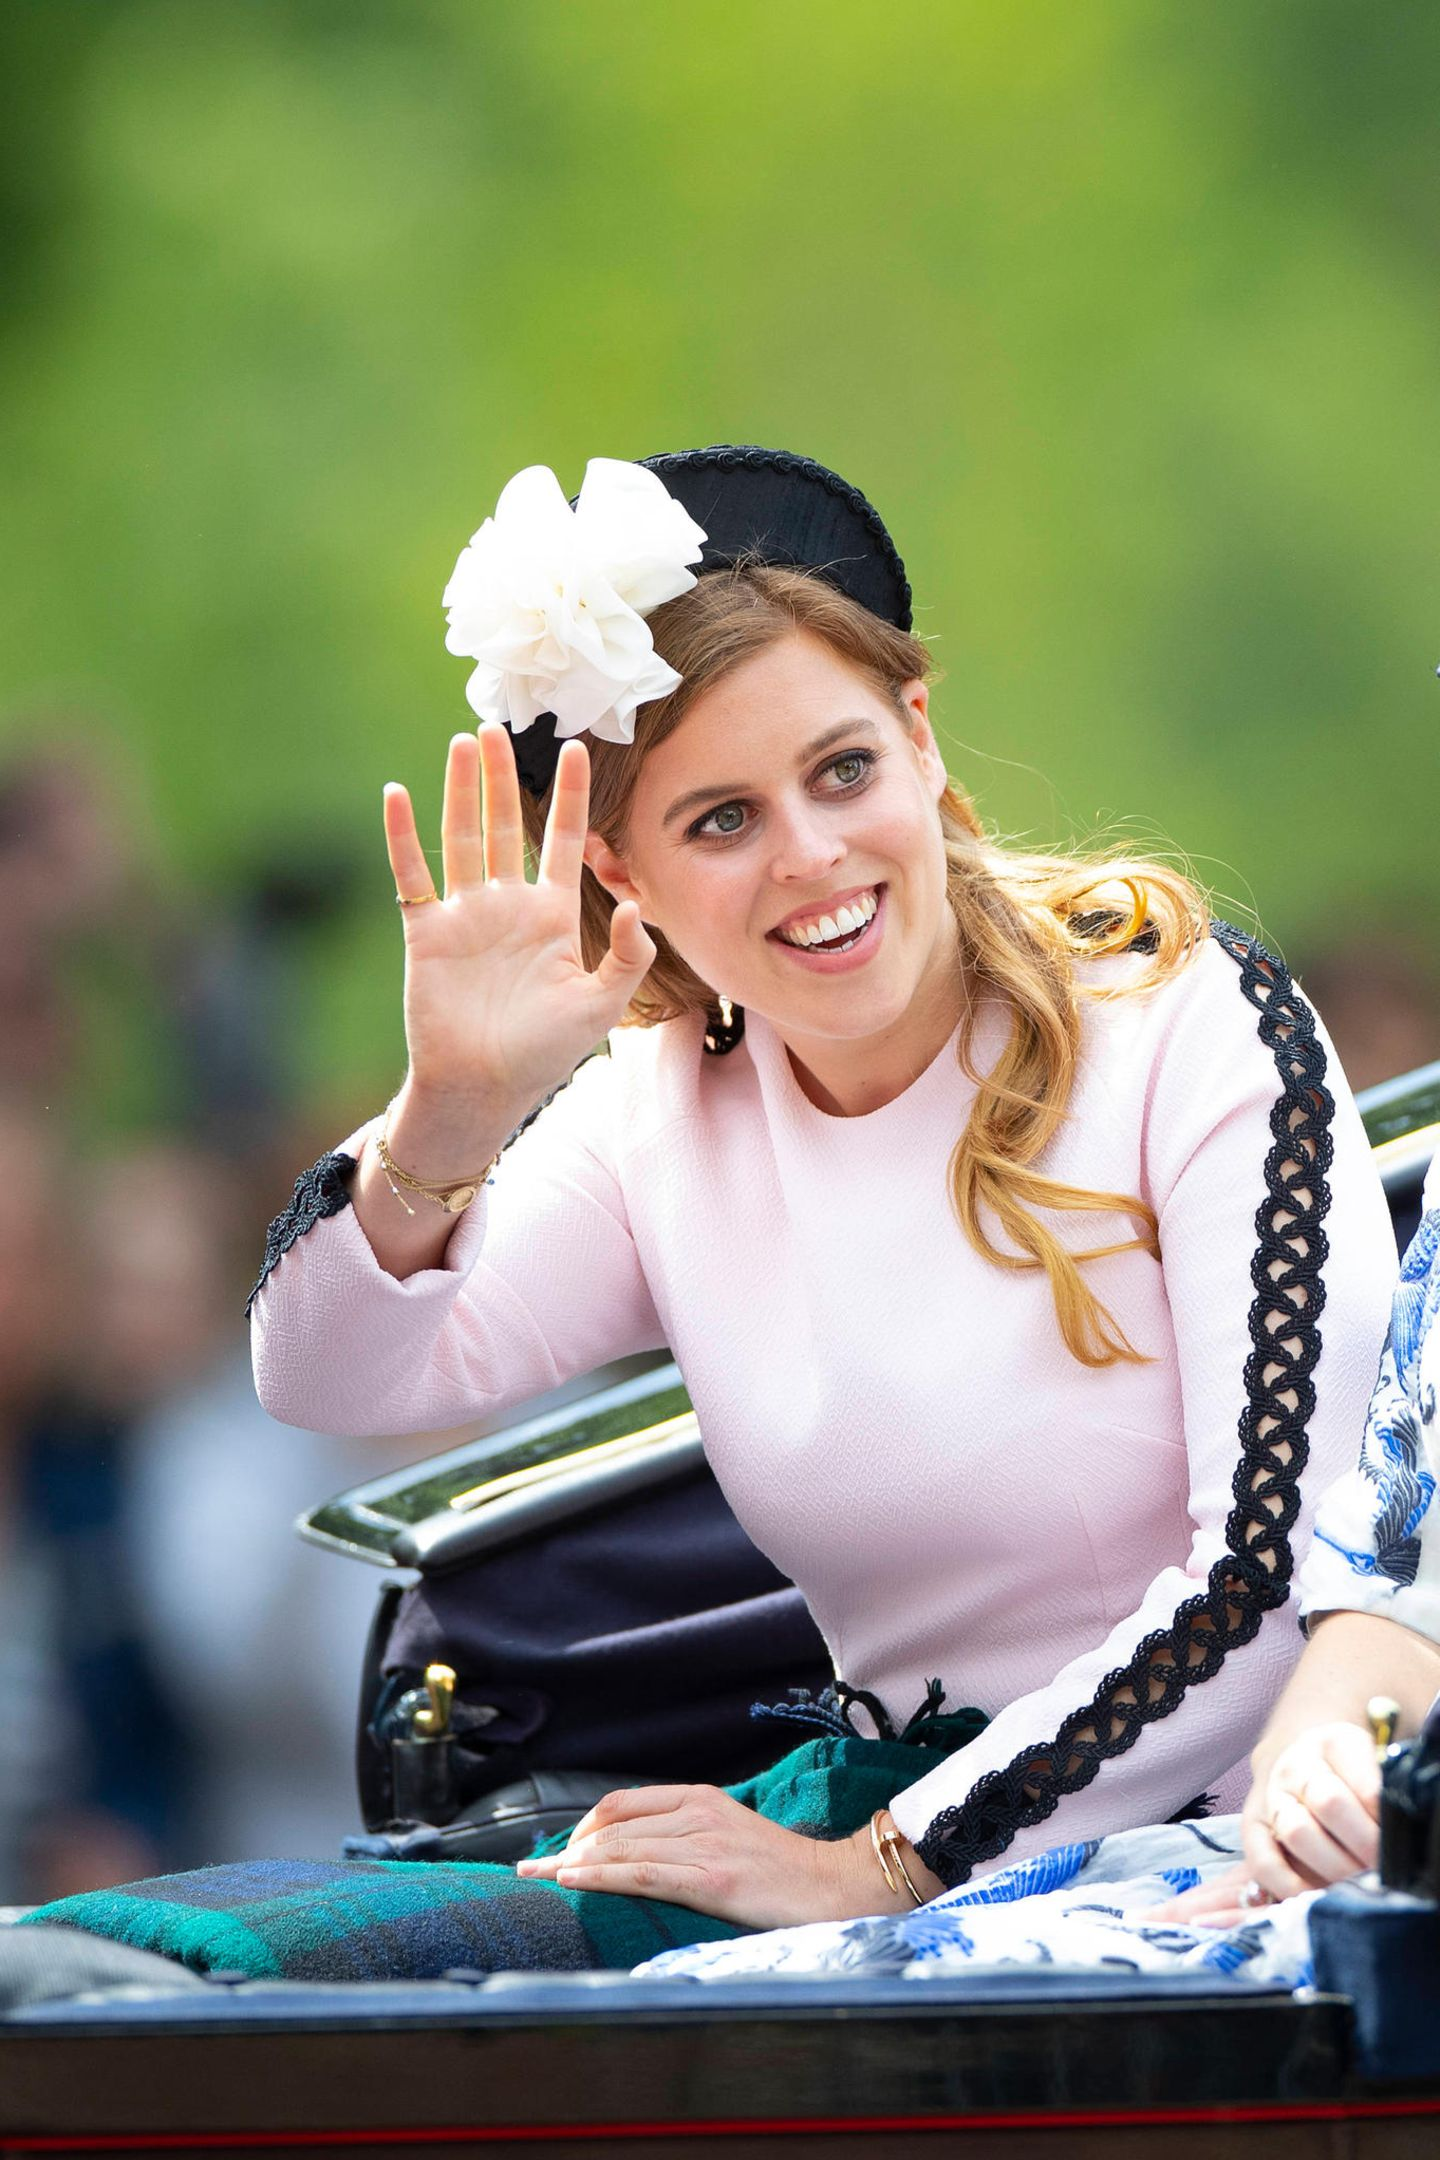 """Prinzessin Beatrice zieht bei den Feierlichkeiten zu """"Tropping the Colour"""" 2019 (8. Juni) in diesem Outfit den ein oder anderen Blick auf sich. Die Enkelin der Queen trägt nämlich ein rosafarbenes Kleid von Designerin Emila Wickstead, das besonders bei Royals sehr beliebt zu sein scheint. Shopping-Tipp: Ursprünglich kostet das Kleid rund 1.300 Euro, aktuell ist es allerdings für die Hälfte bei The Outnet erhältlich."""